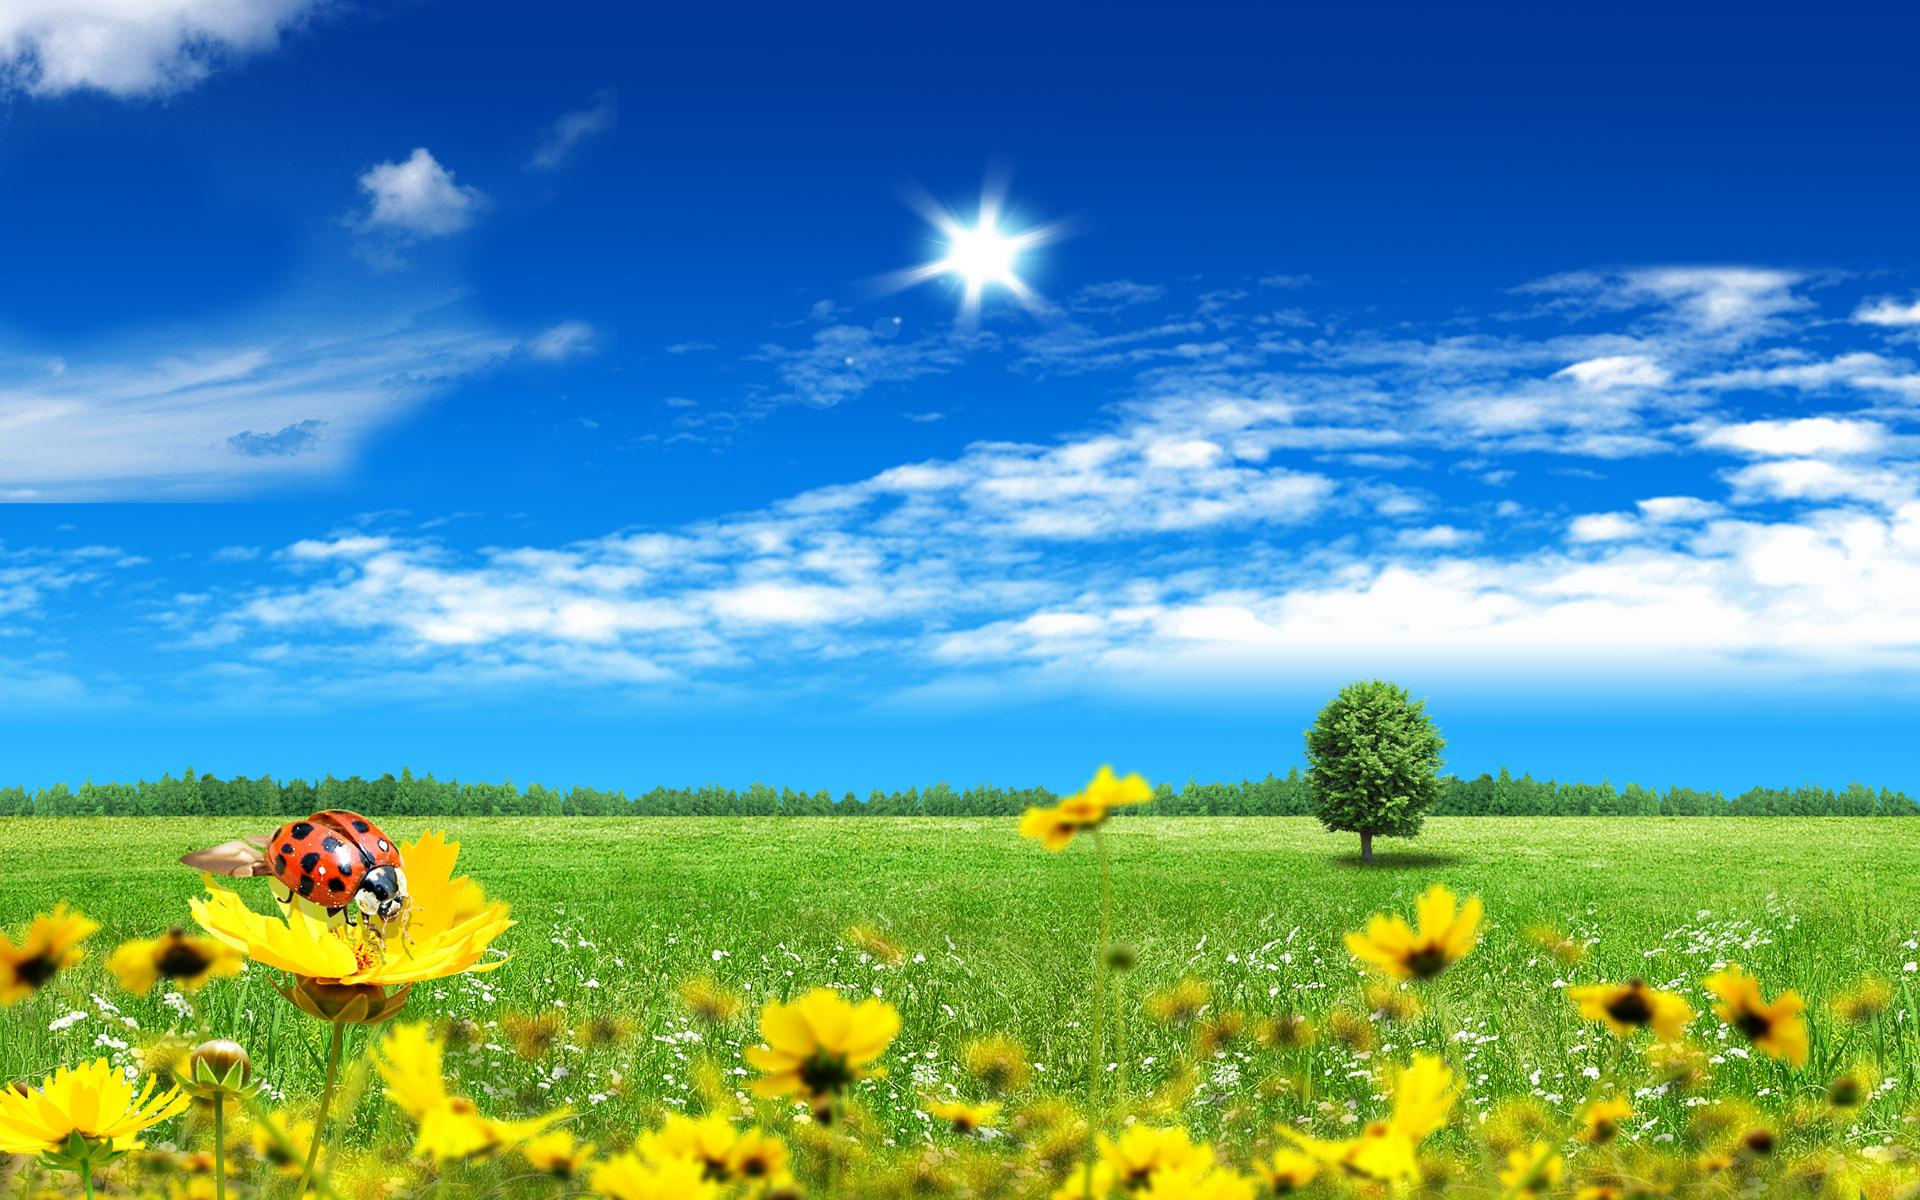 بالصور جمال الطبيعة , شاهد بالصور ابداع الخالق فى جمال الطبيعة 454 6